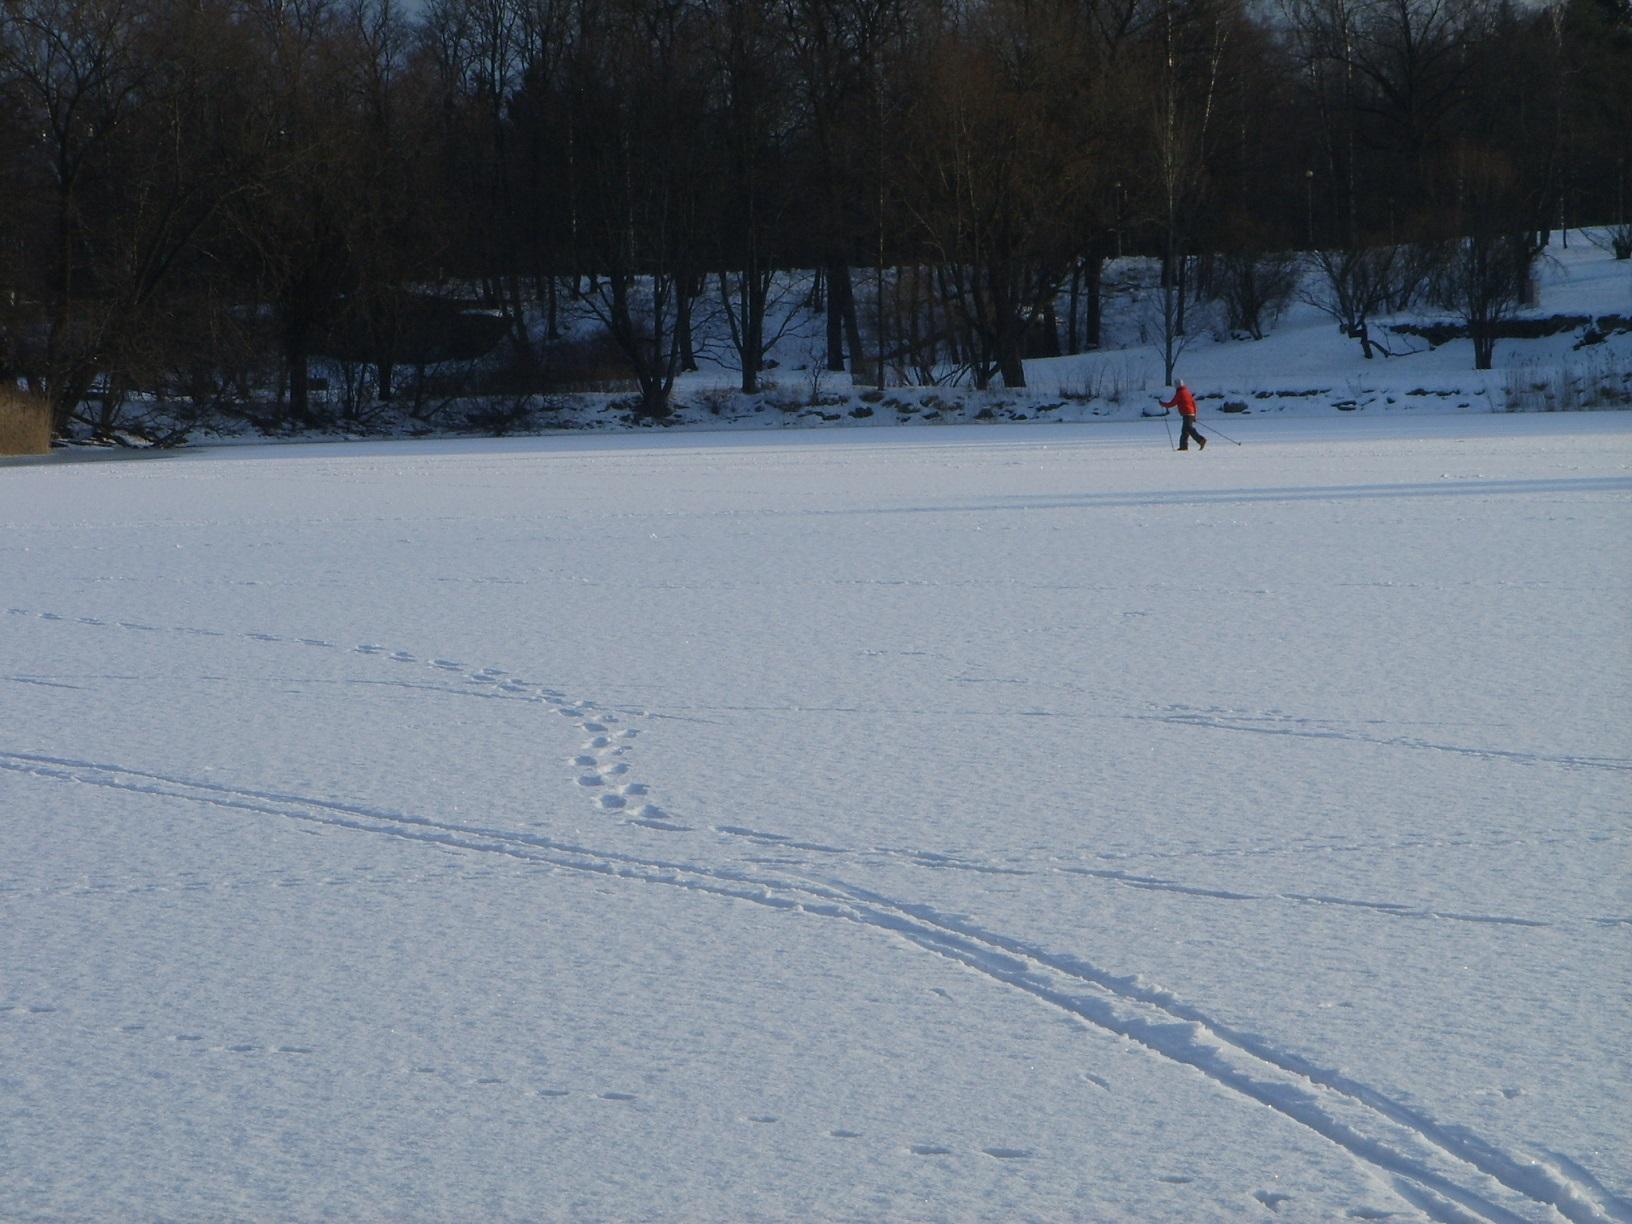 Skilanglauf auf der zugefrorenen Hietalahti